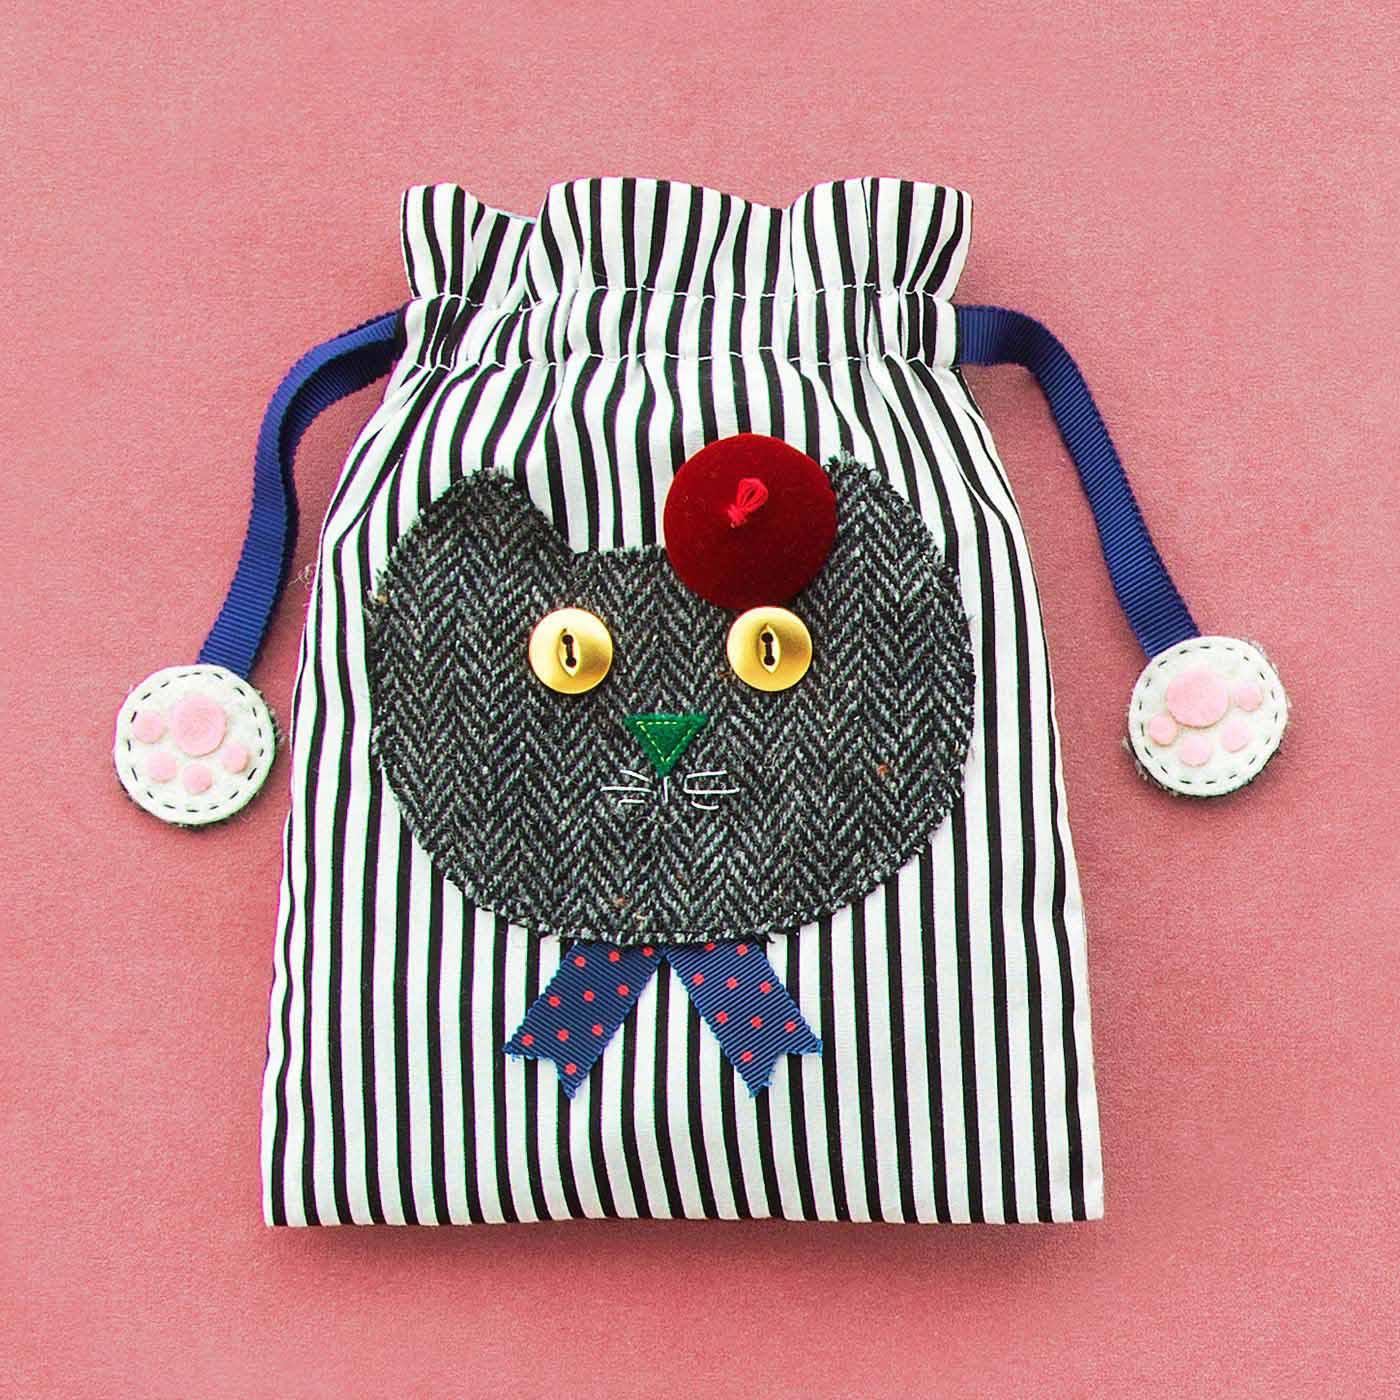 いつも一緒にいたいニャ 自分で作ってみたいポップな猫ちゃんの布小物の会